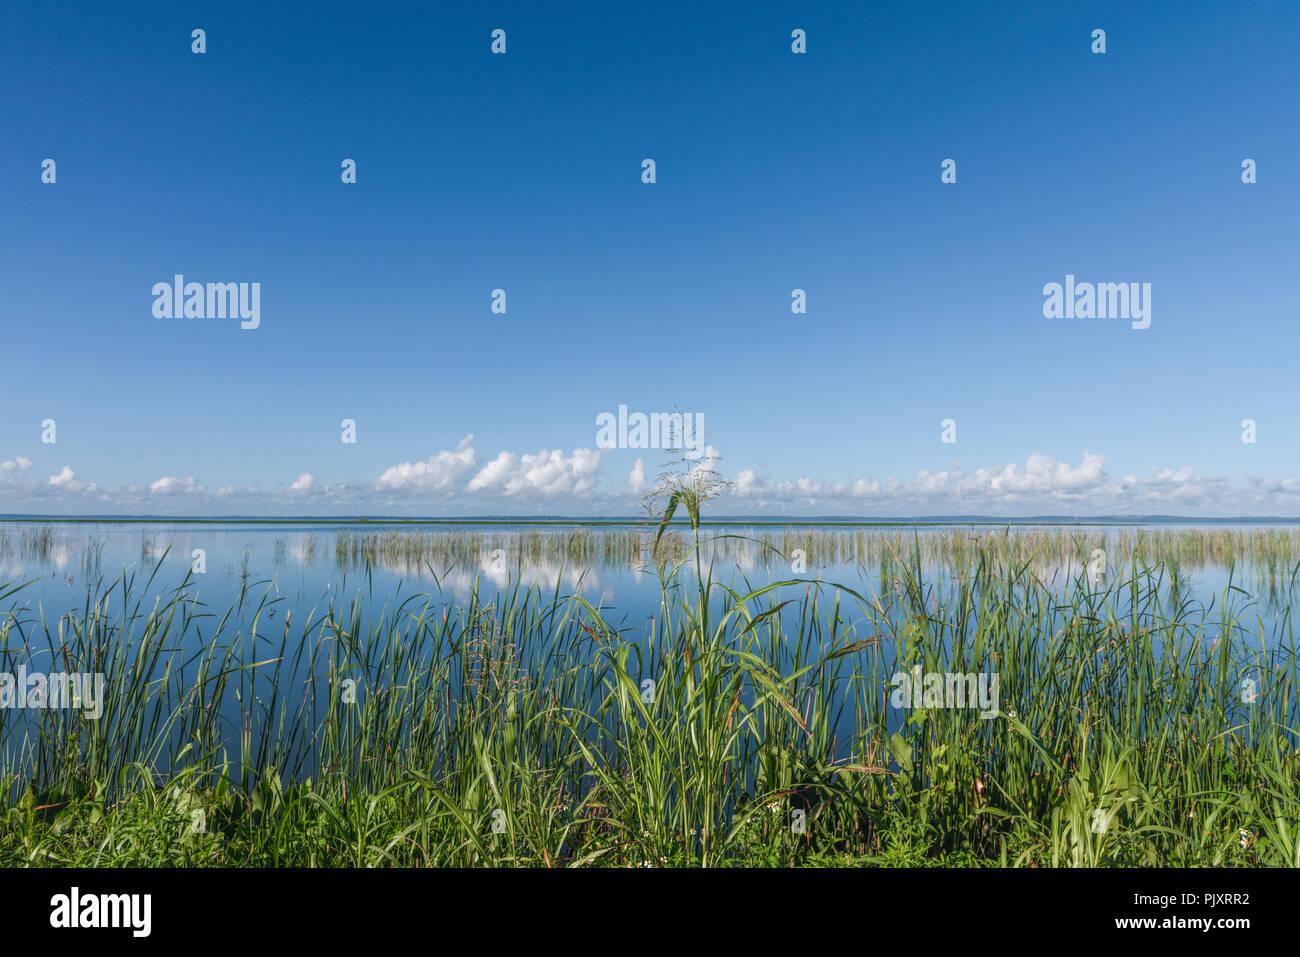 Lake Apopka Florida Horizon - Stock Image